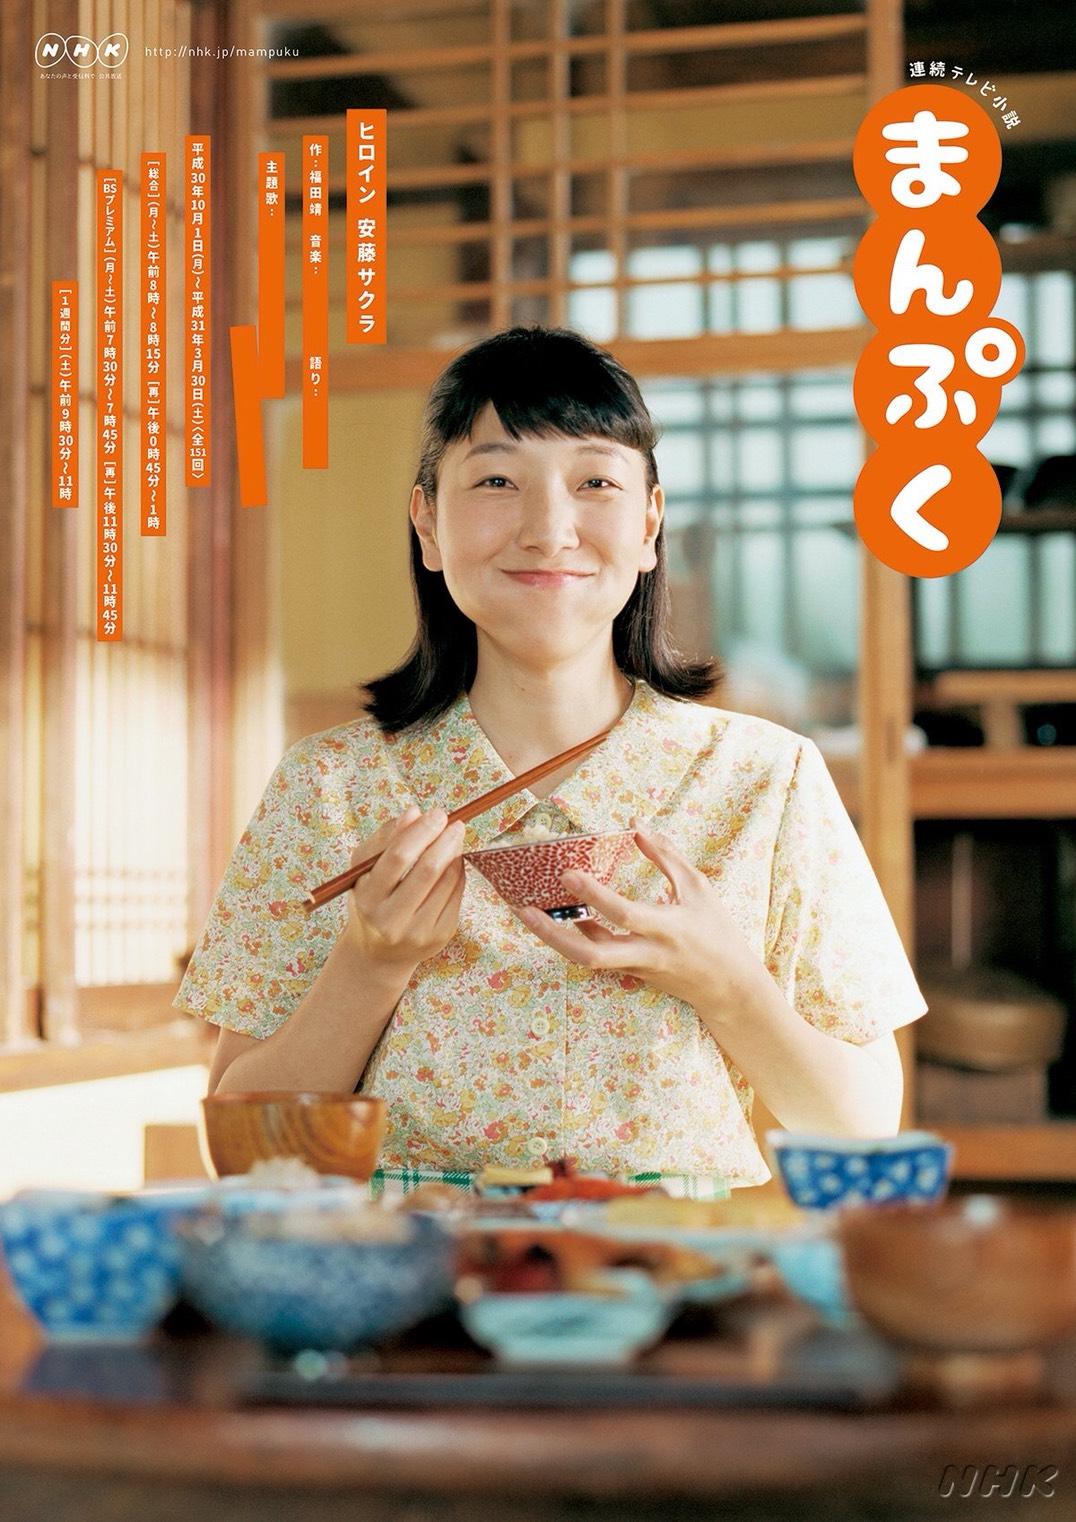 【出演情報】OFFICE MINAMIKAZE所属タレント多数出演 / NHK連続テレビ小説「まんぷく」